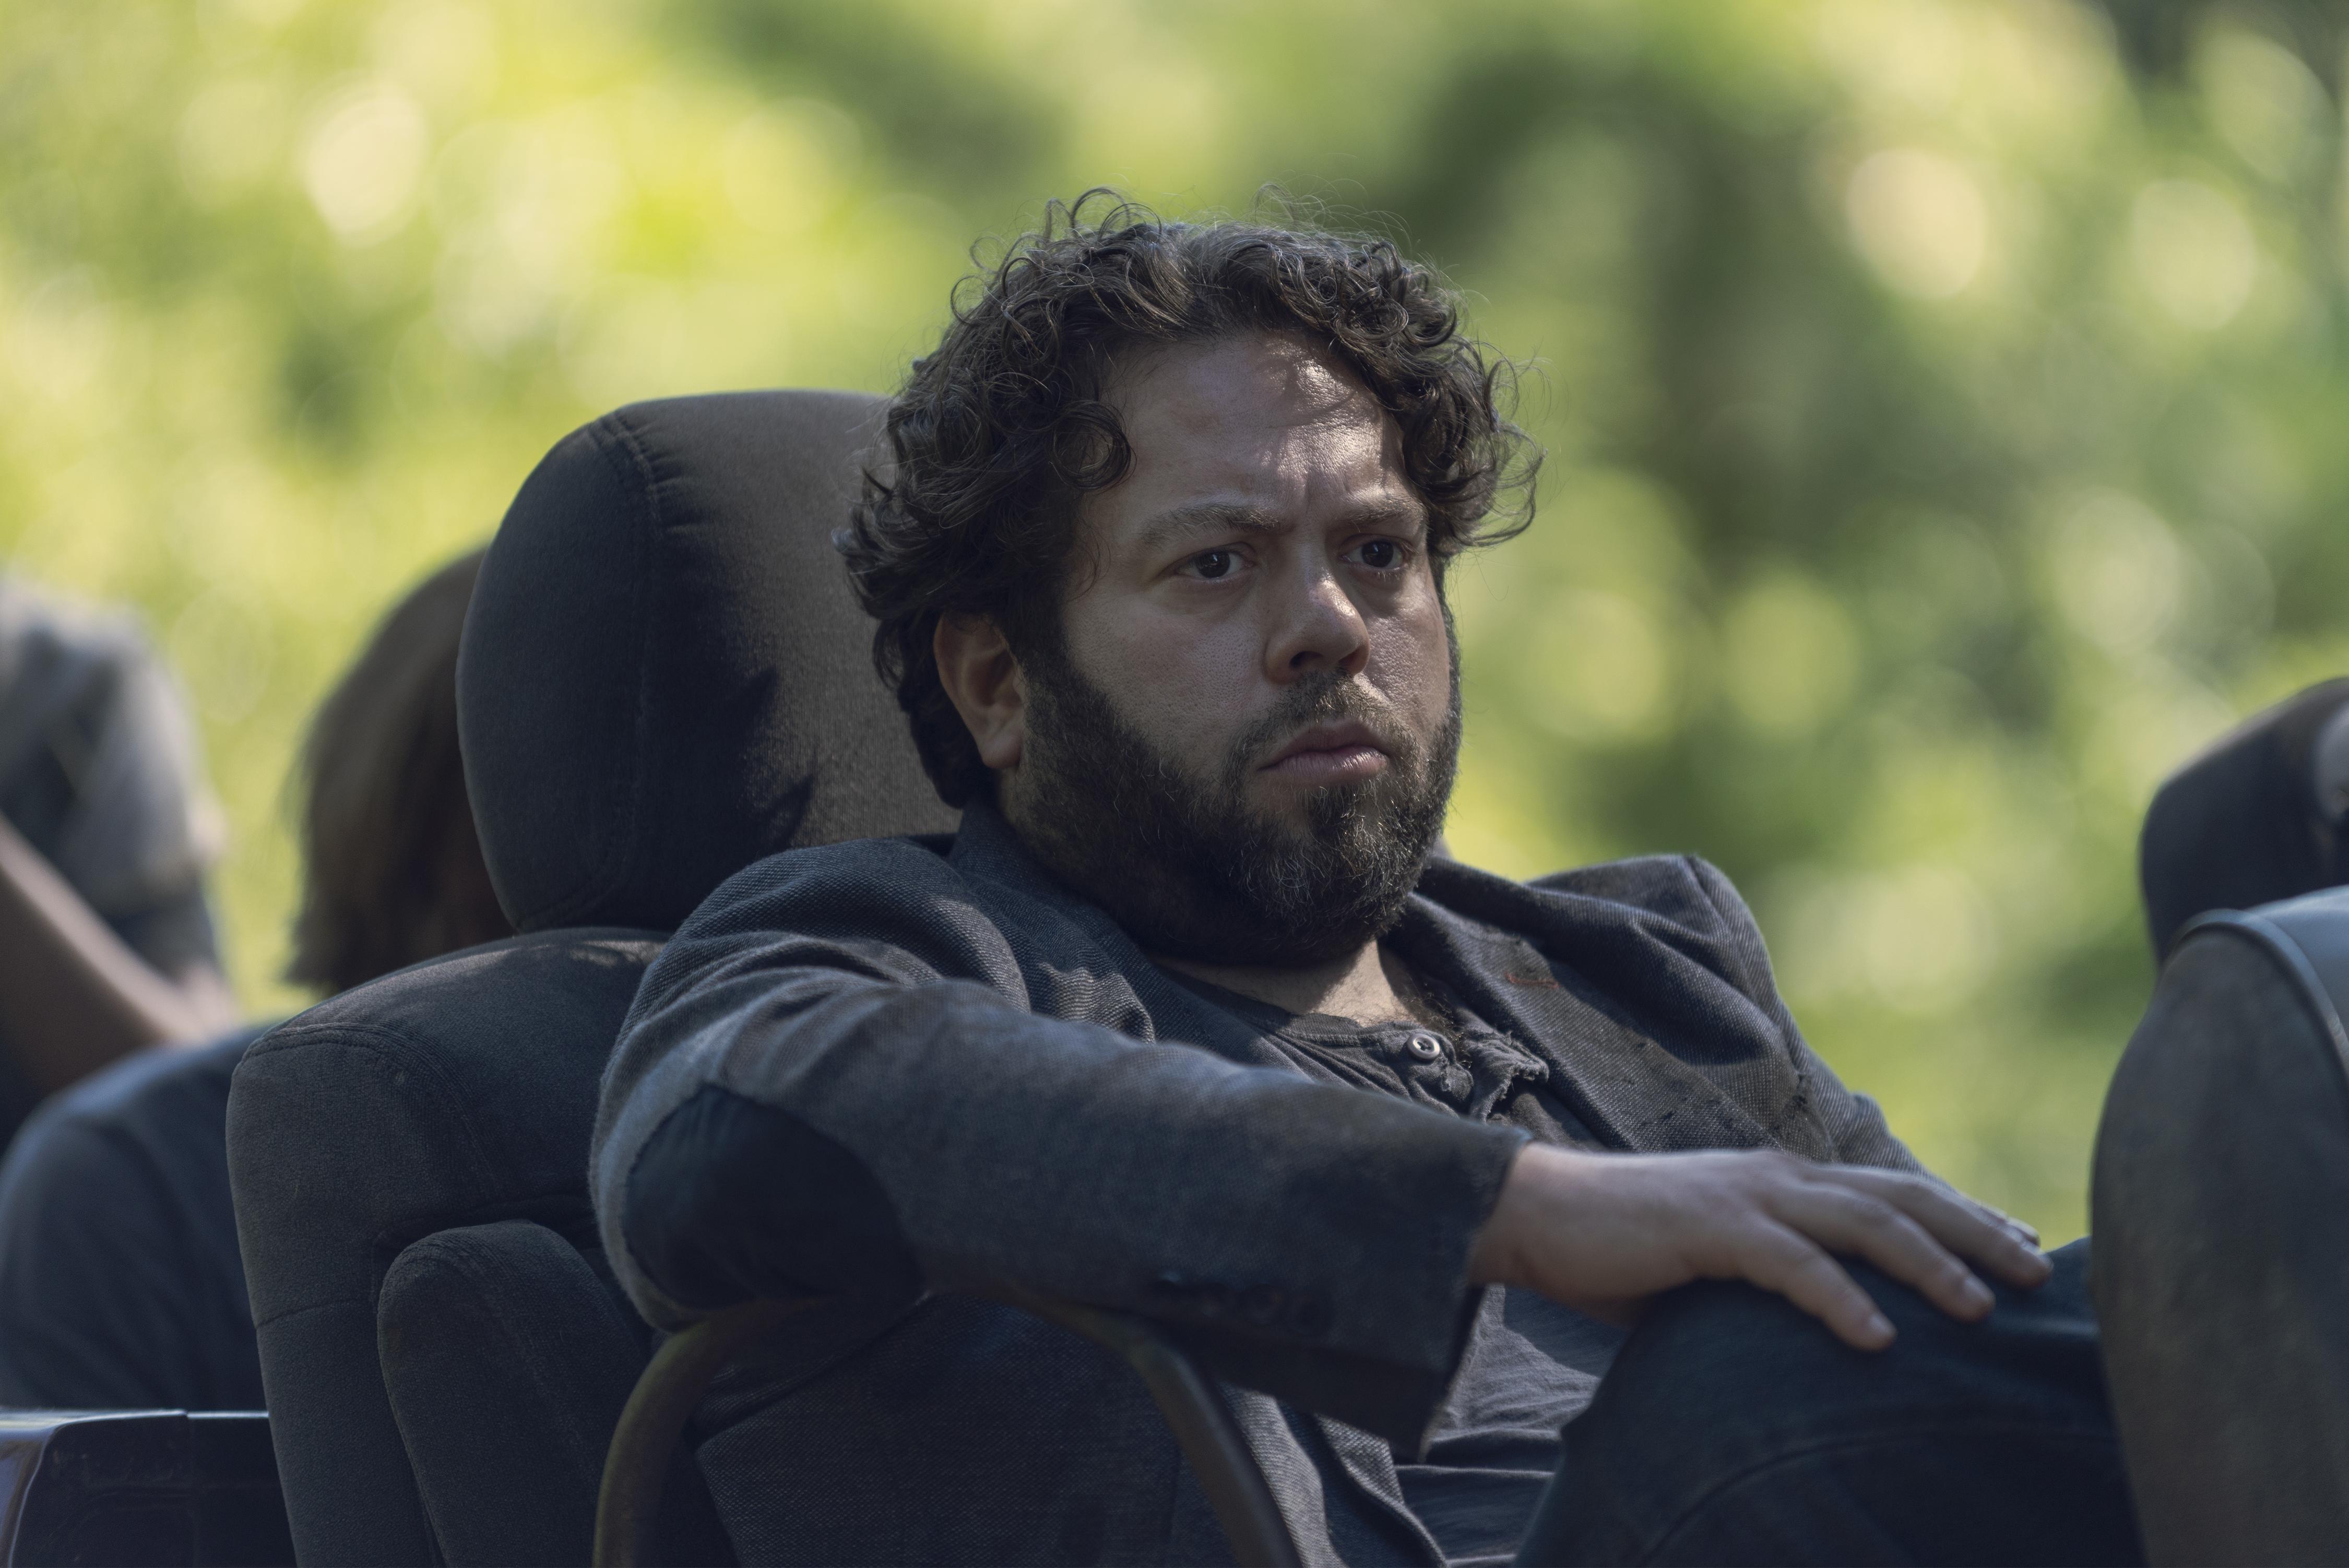 Luke (Dan Folger), songeur... - The Walking Dead Saison 9 Épisode 7 - Crédit photo : Gene Page/AMC